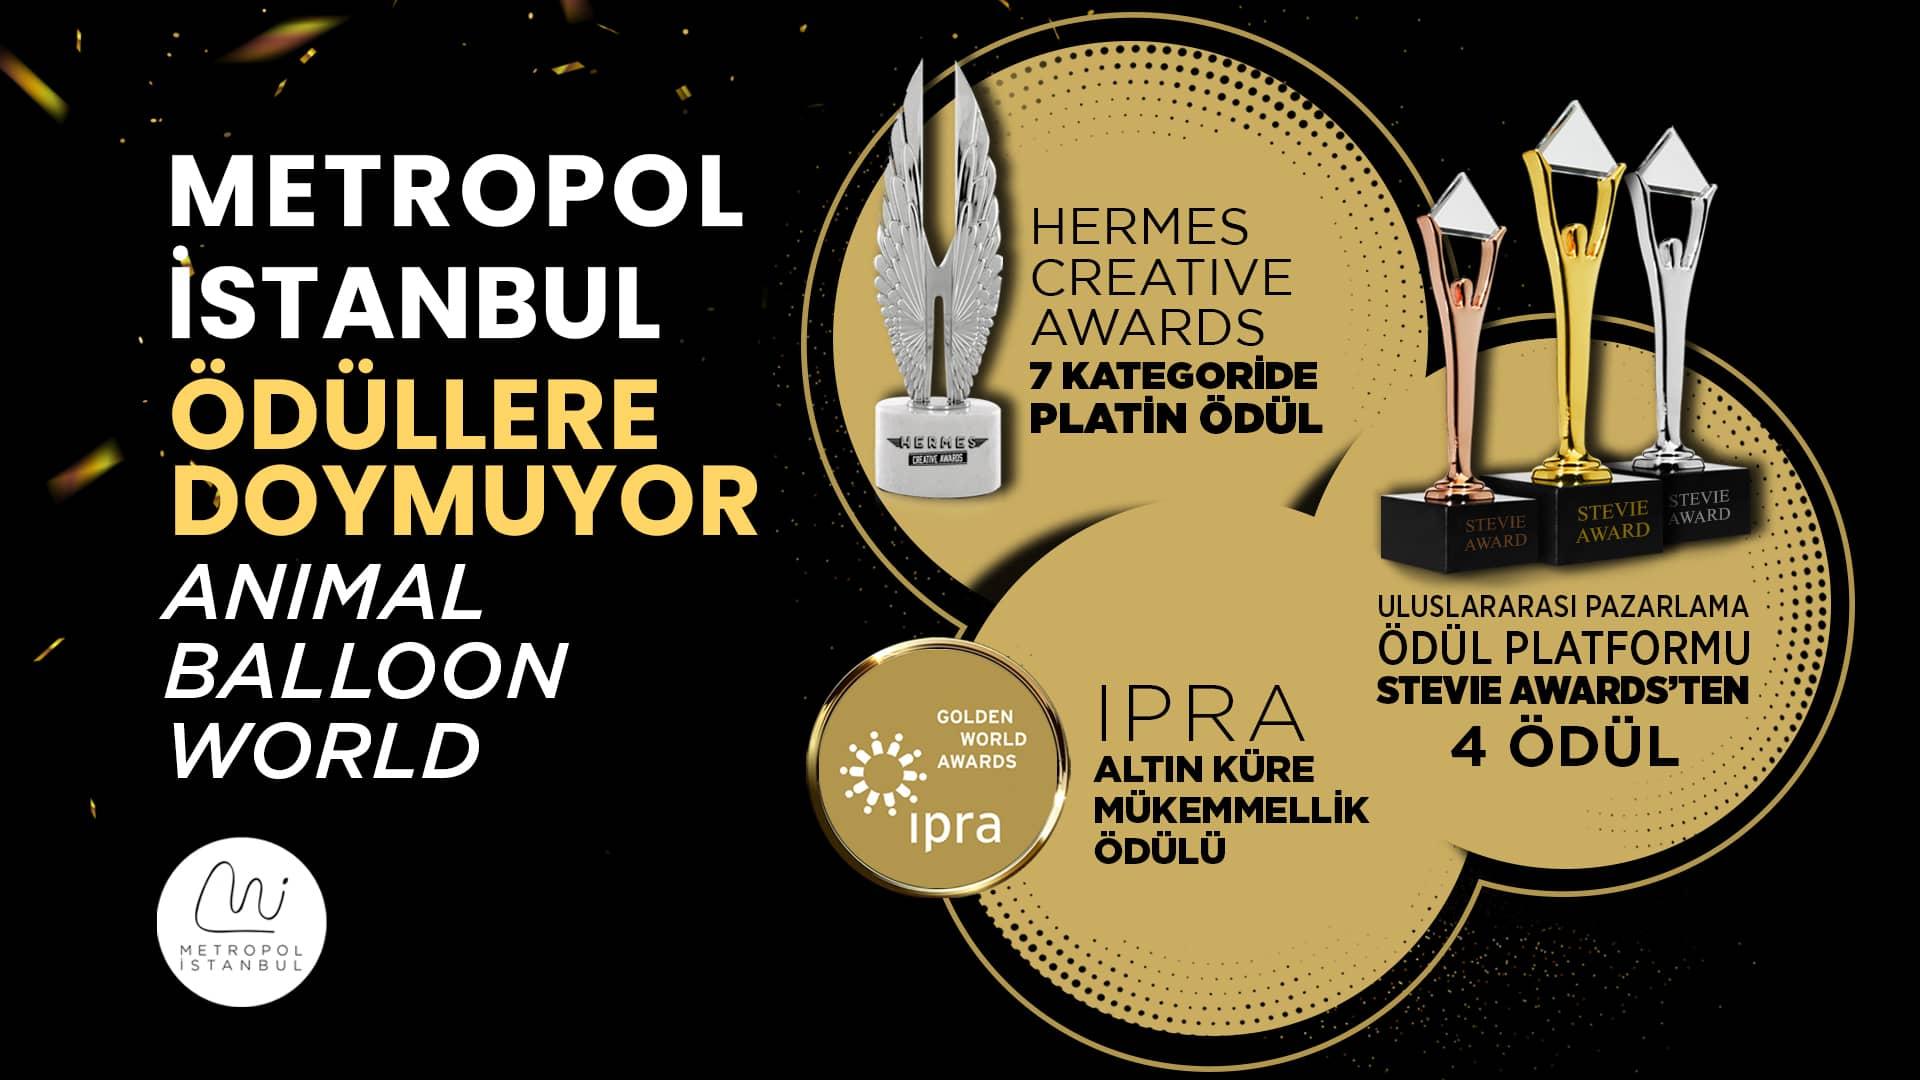 Metropol İstanbul Ödüllere Doymuyor